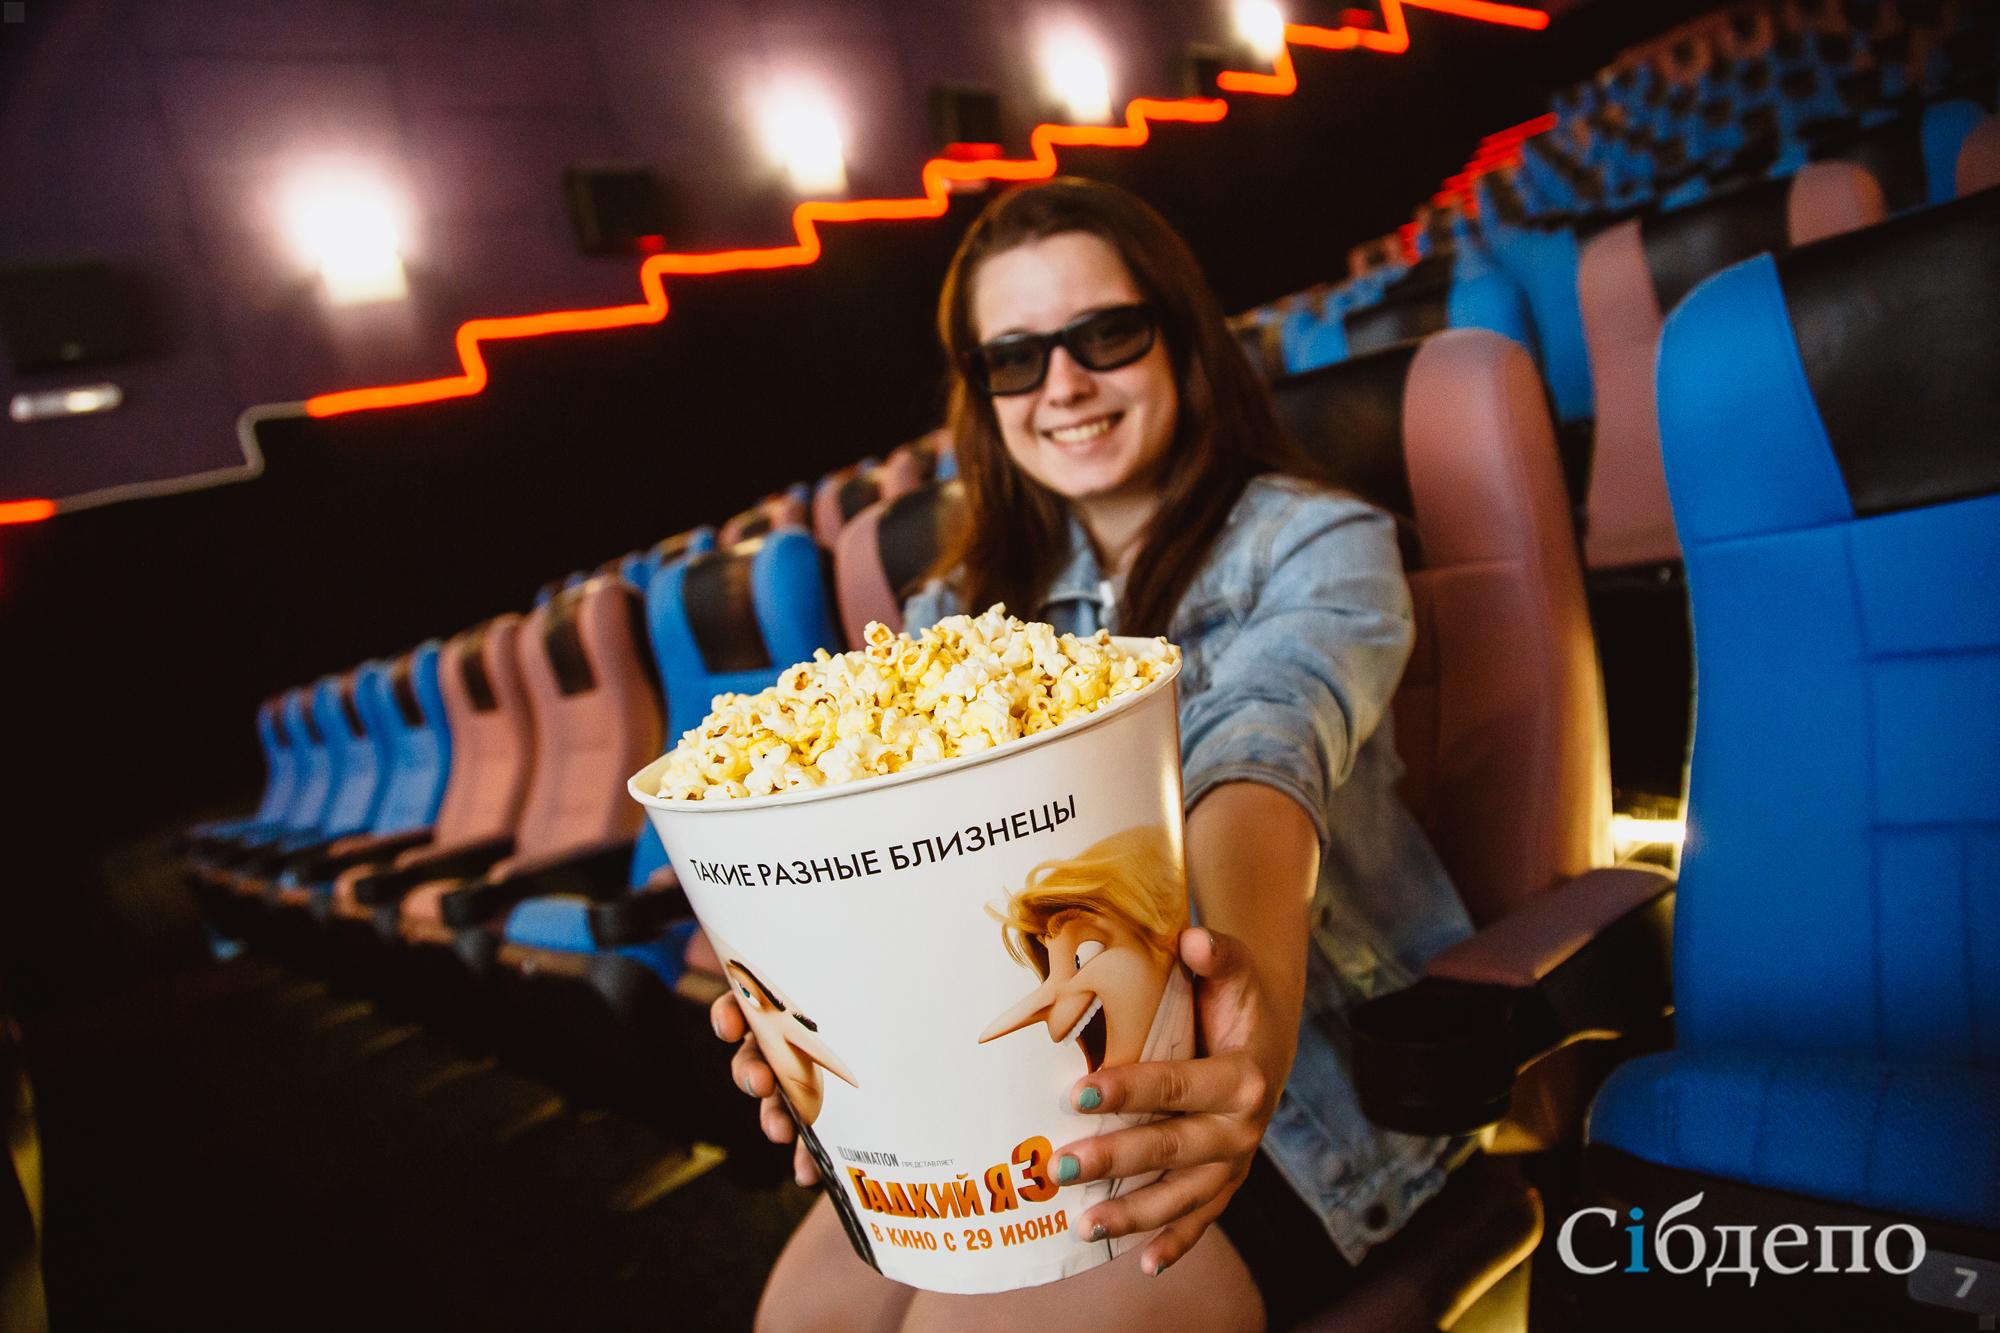 Мамы, картинки с попкорном и кинотеатром